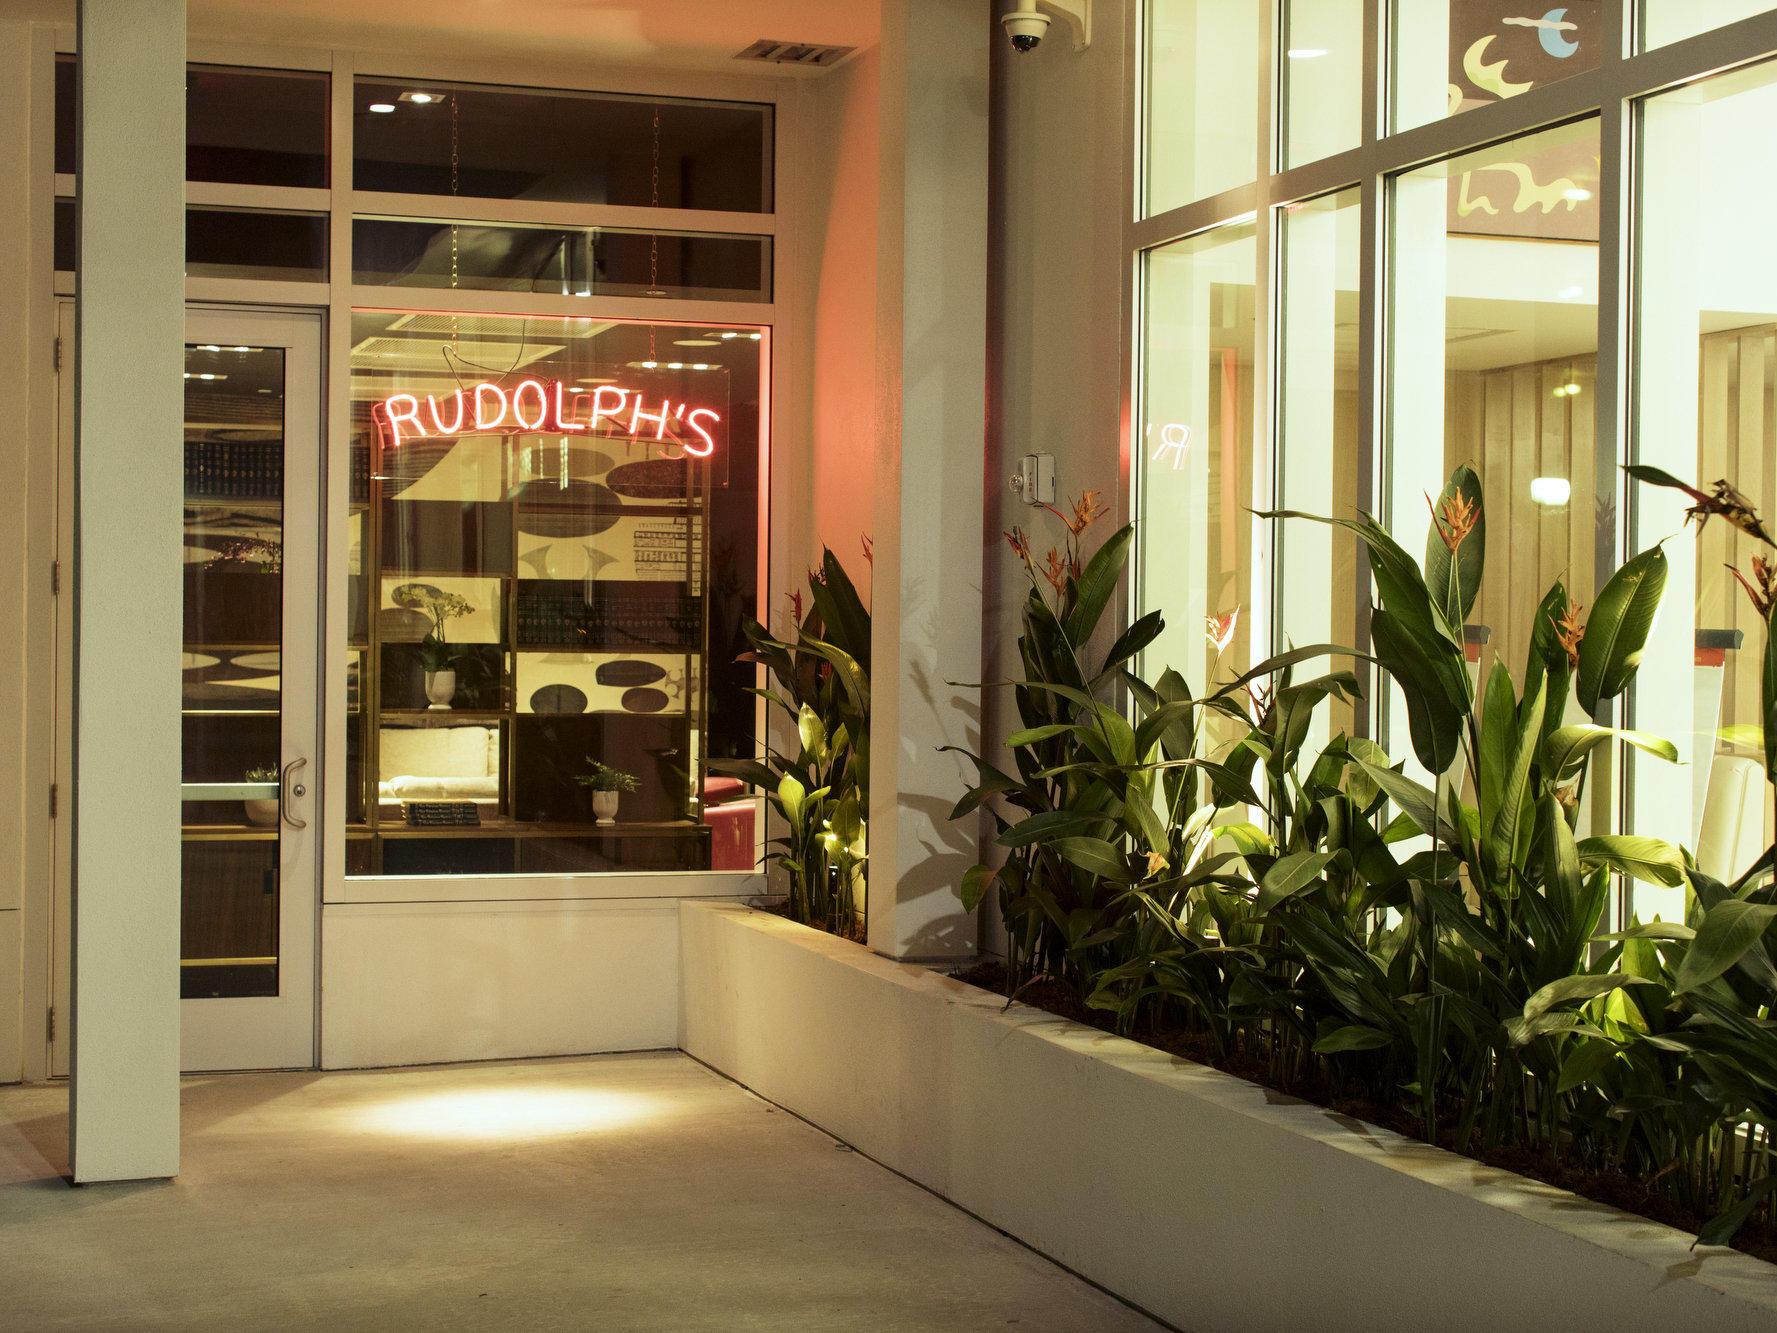 Image courtesy of    The Sarasota Modern